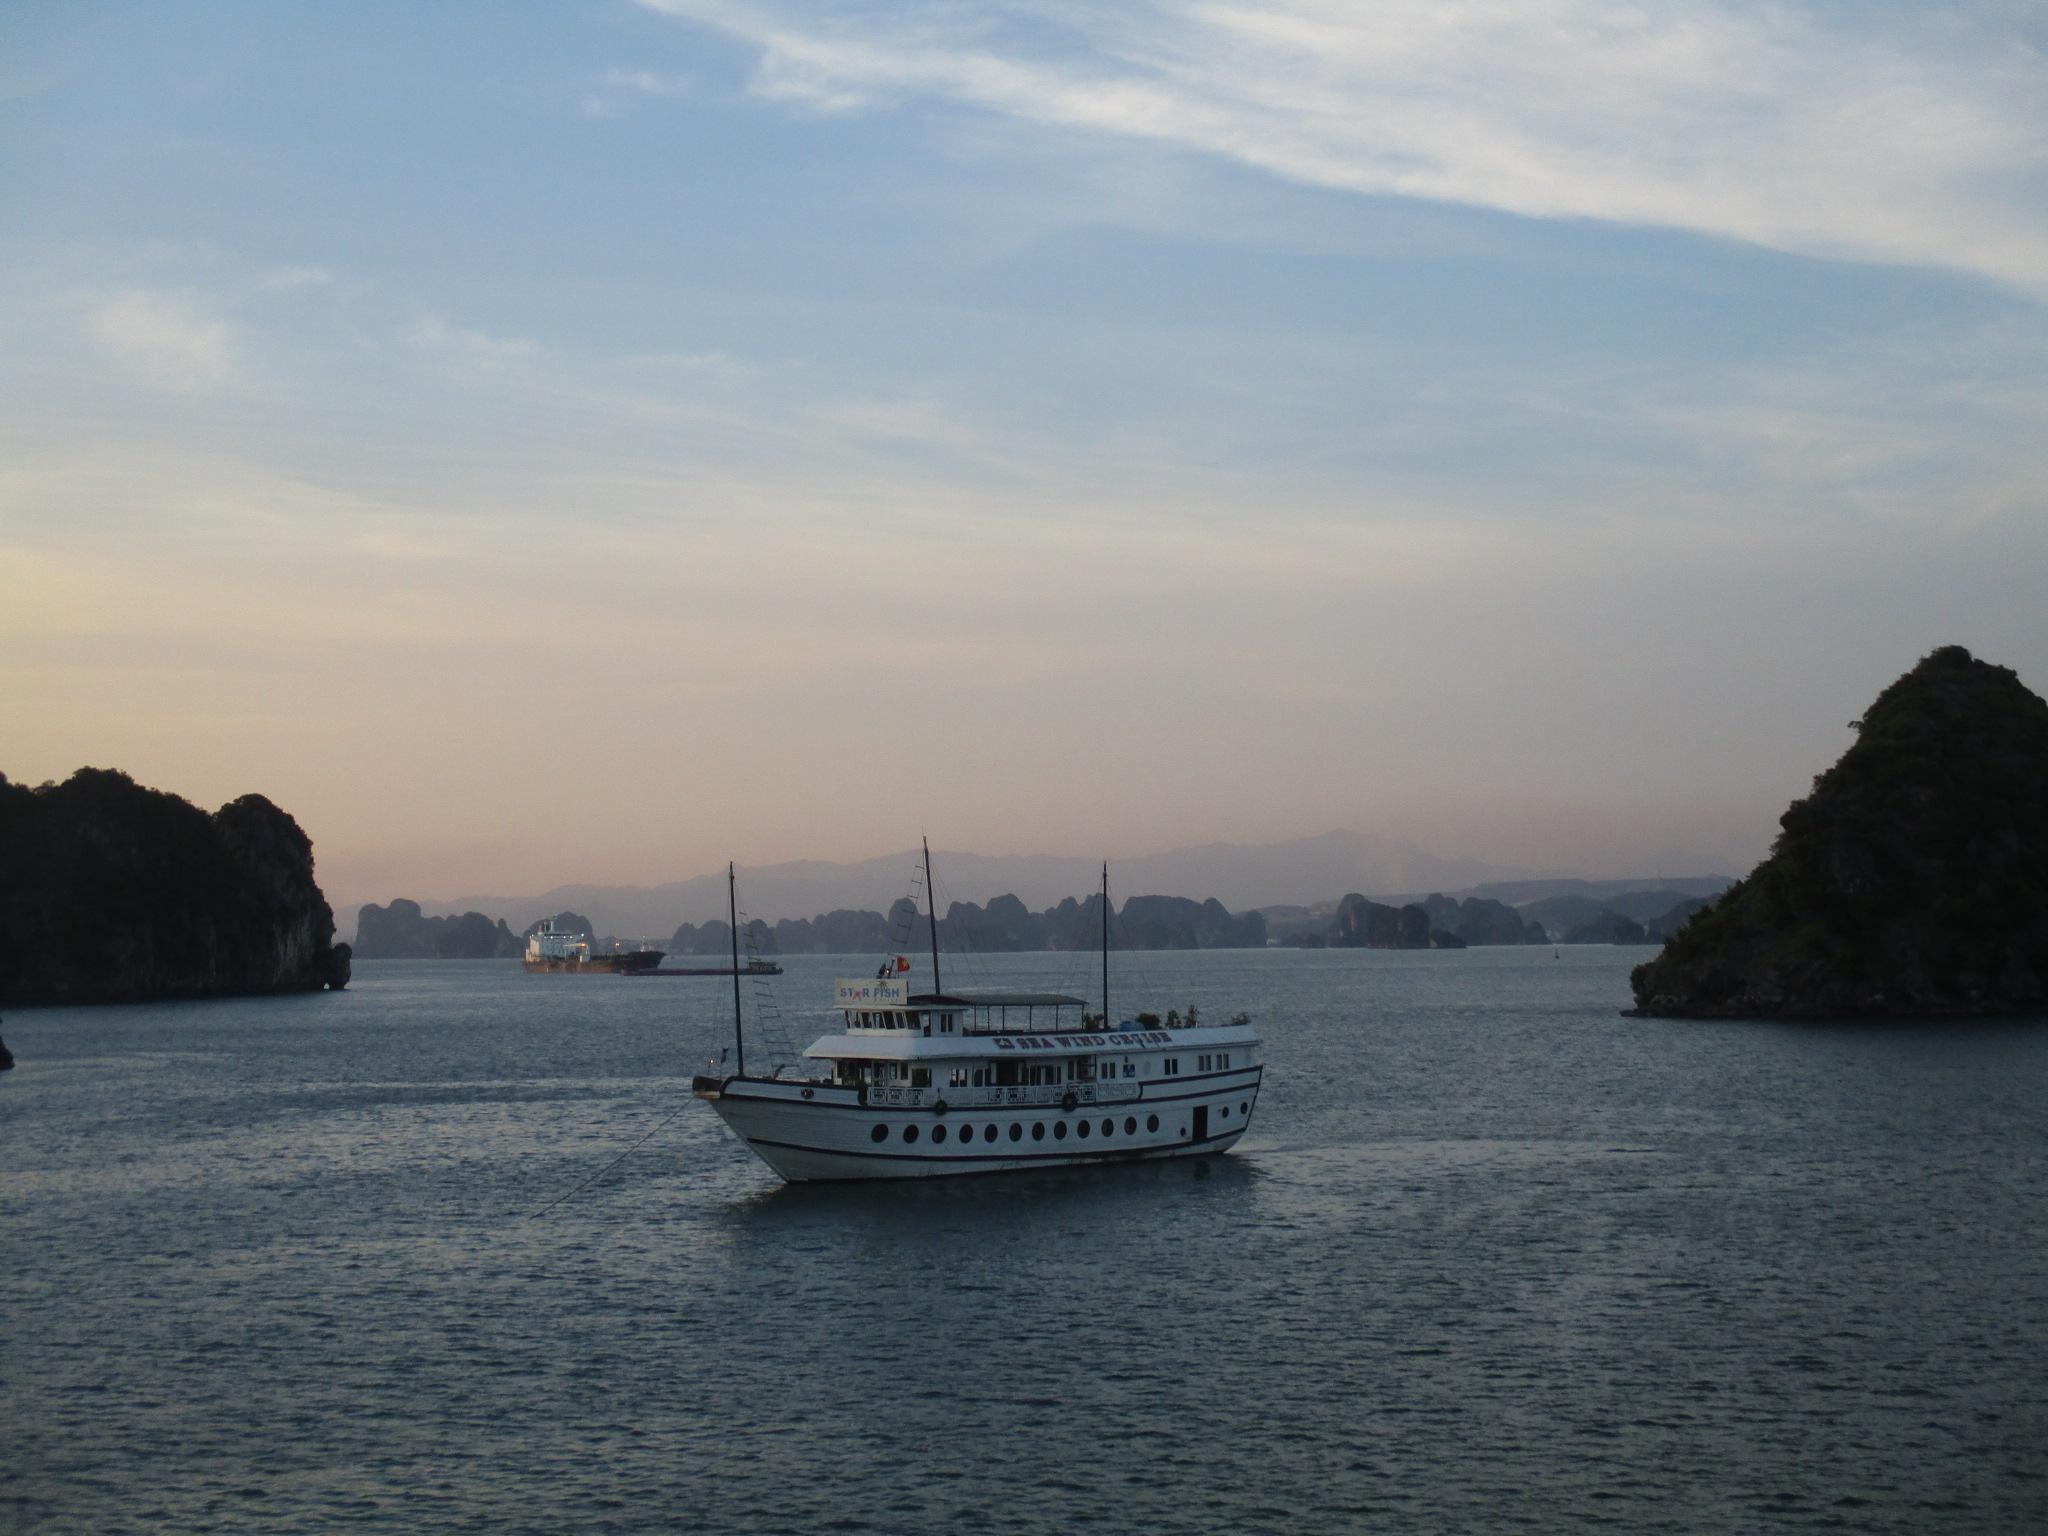 Quảng Ninh: Gắn kết phát triển kinh tế biển, đảo với củng cố quốc phòng - an ninh